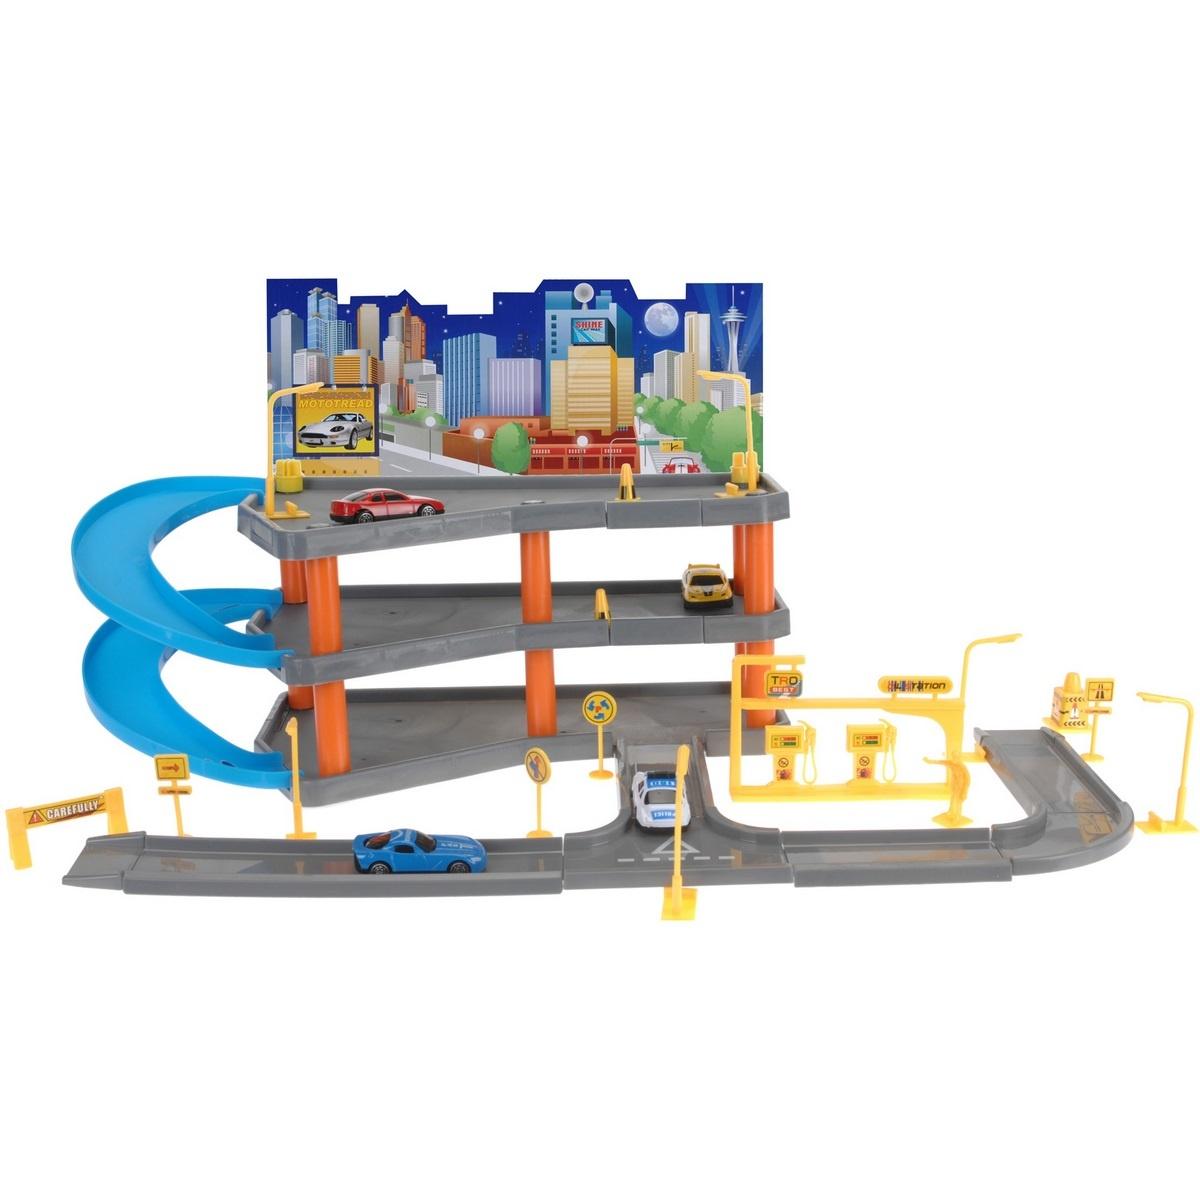 Dětský hrací set Big garage, 62 x 31 x 33 cm